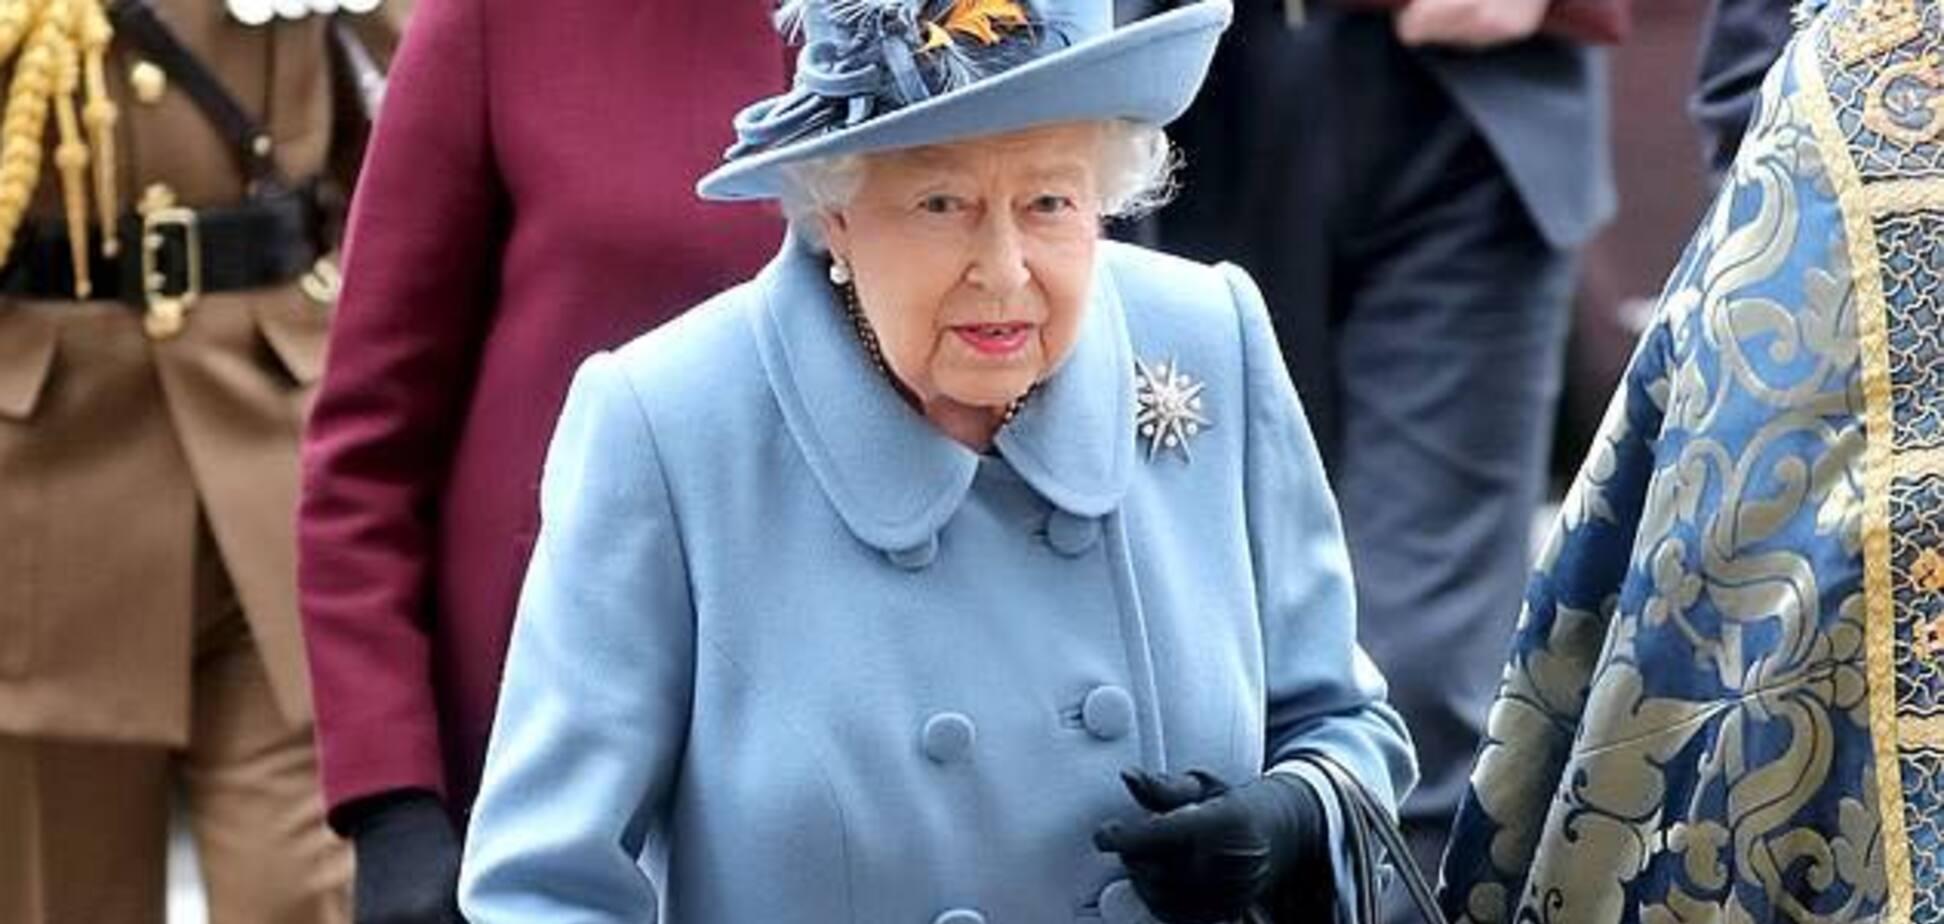 Коронавирус в Великобритании: Королева Елизавета остается со своим народом